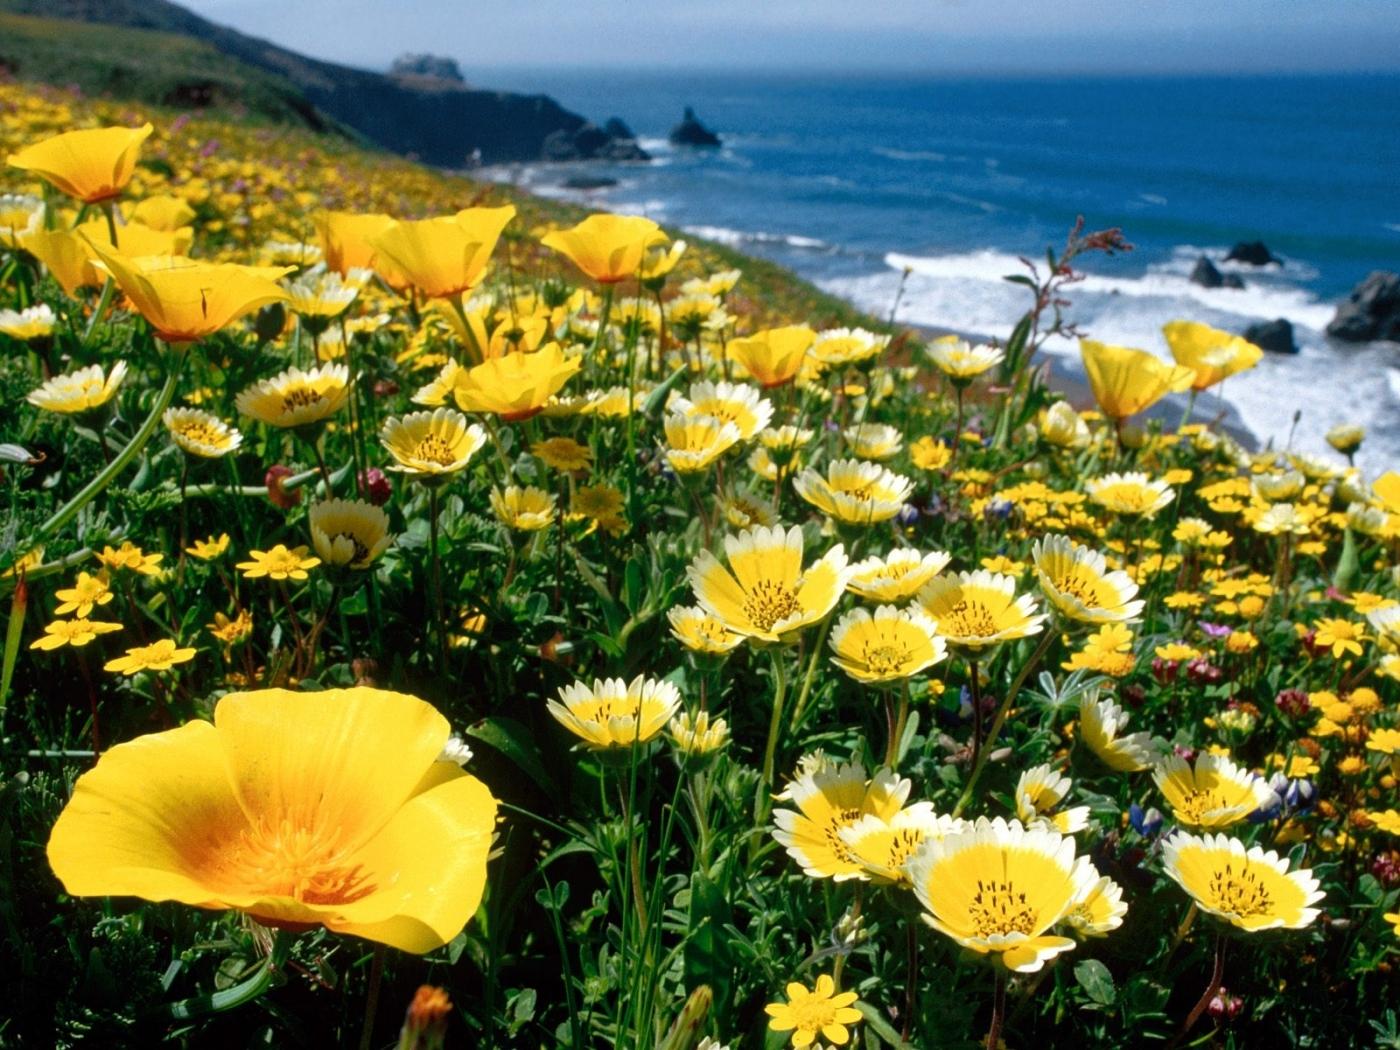 Handy-Wallpaper Pflanzen, Landschaft, Blumen kostenlos herunterladen.